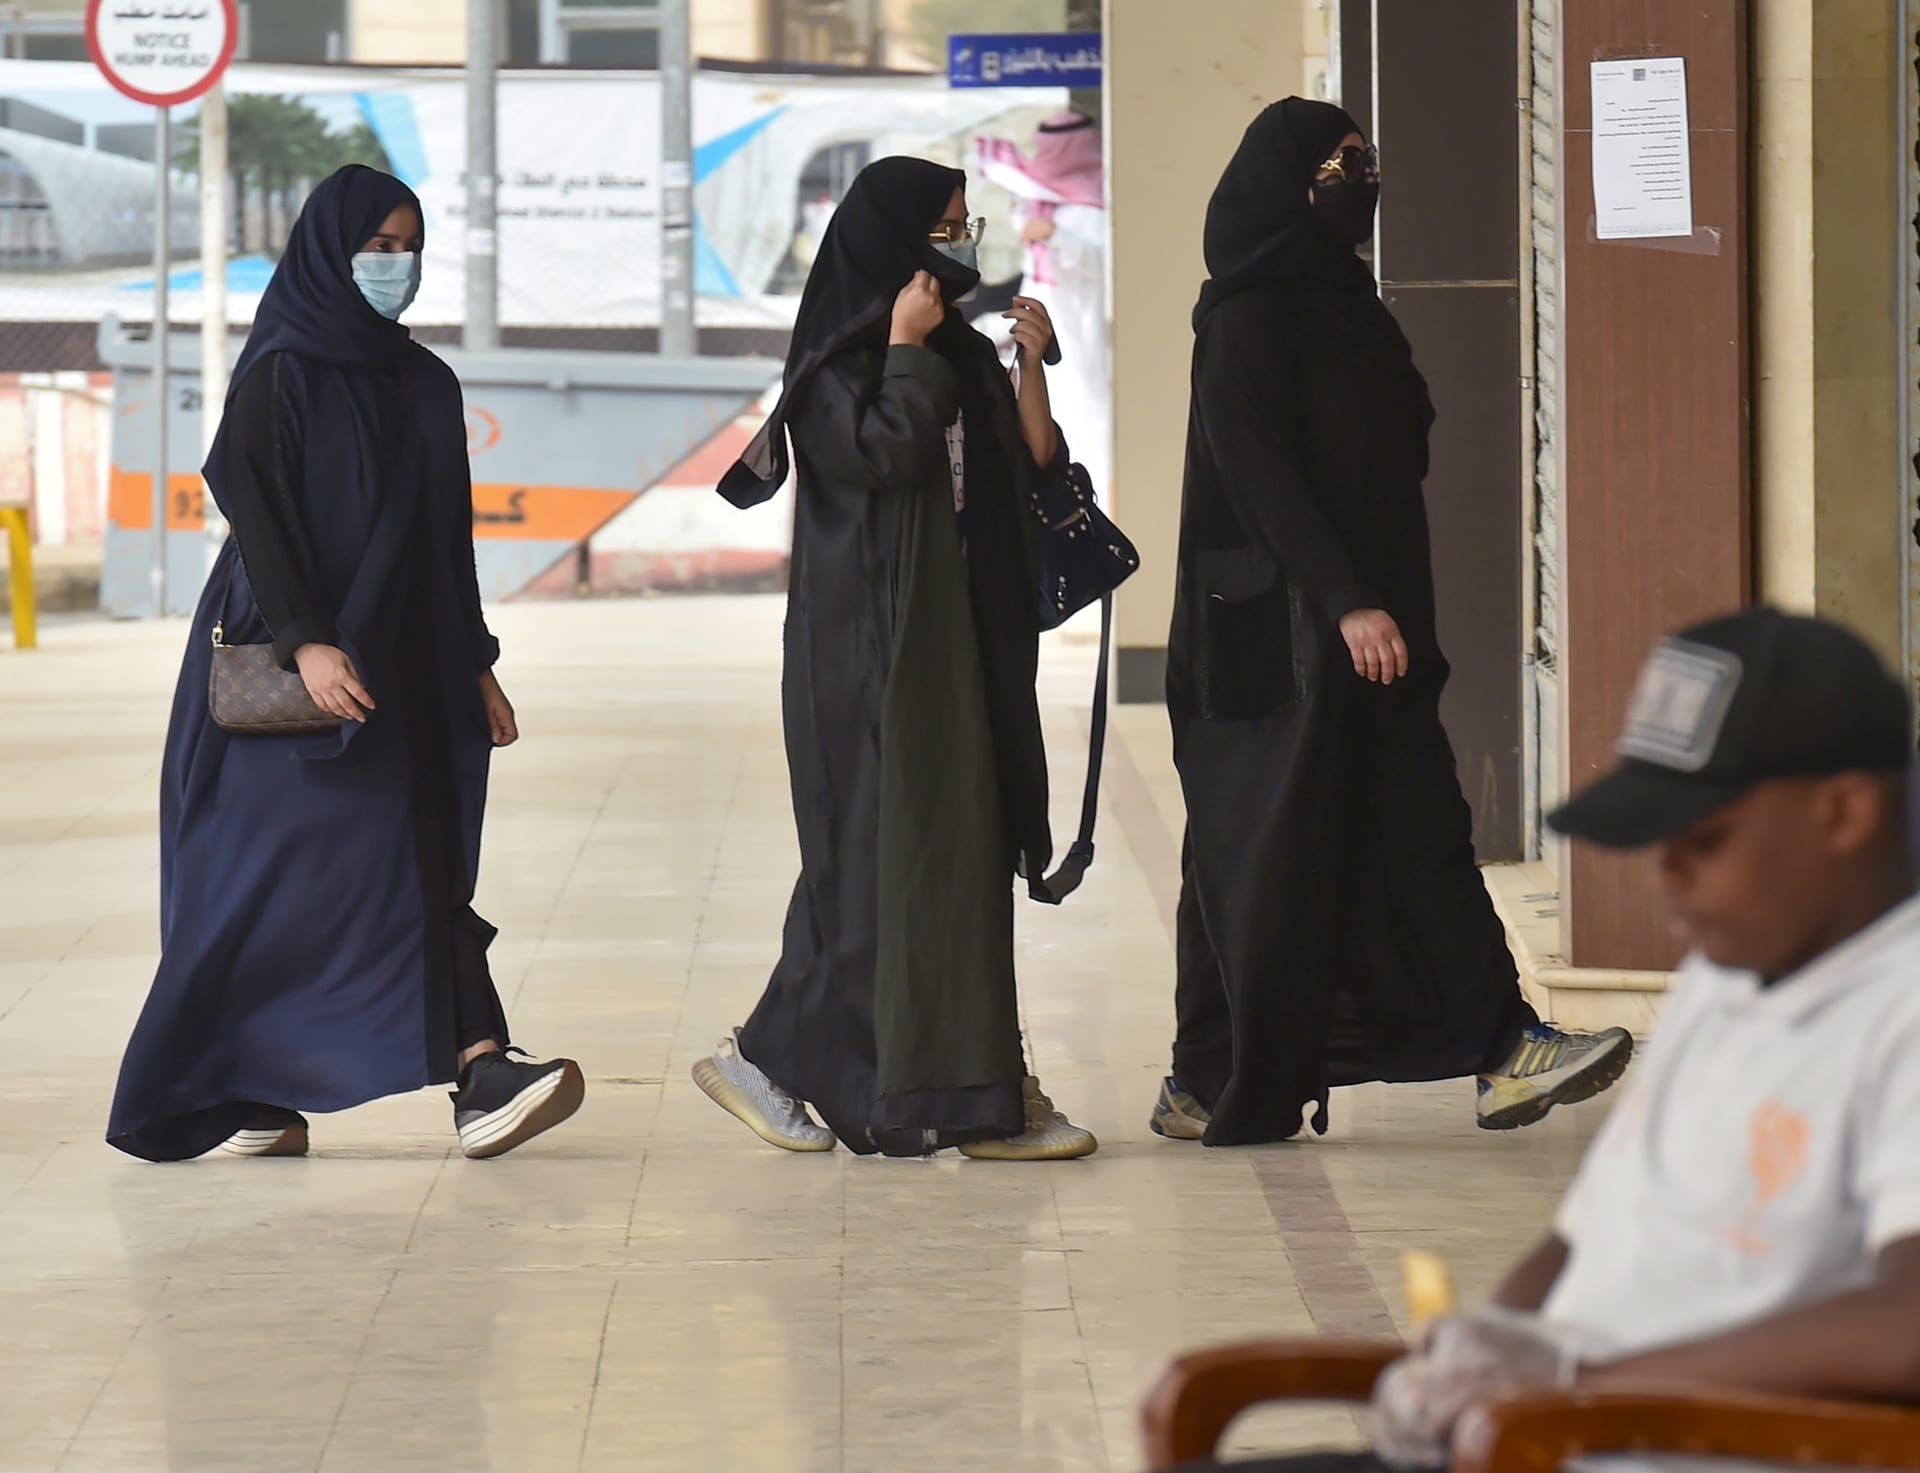 كاتب سعودي يثير جدلا لحديثه عن علاقة الفقر بتوظيف النساء